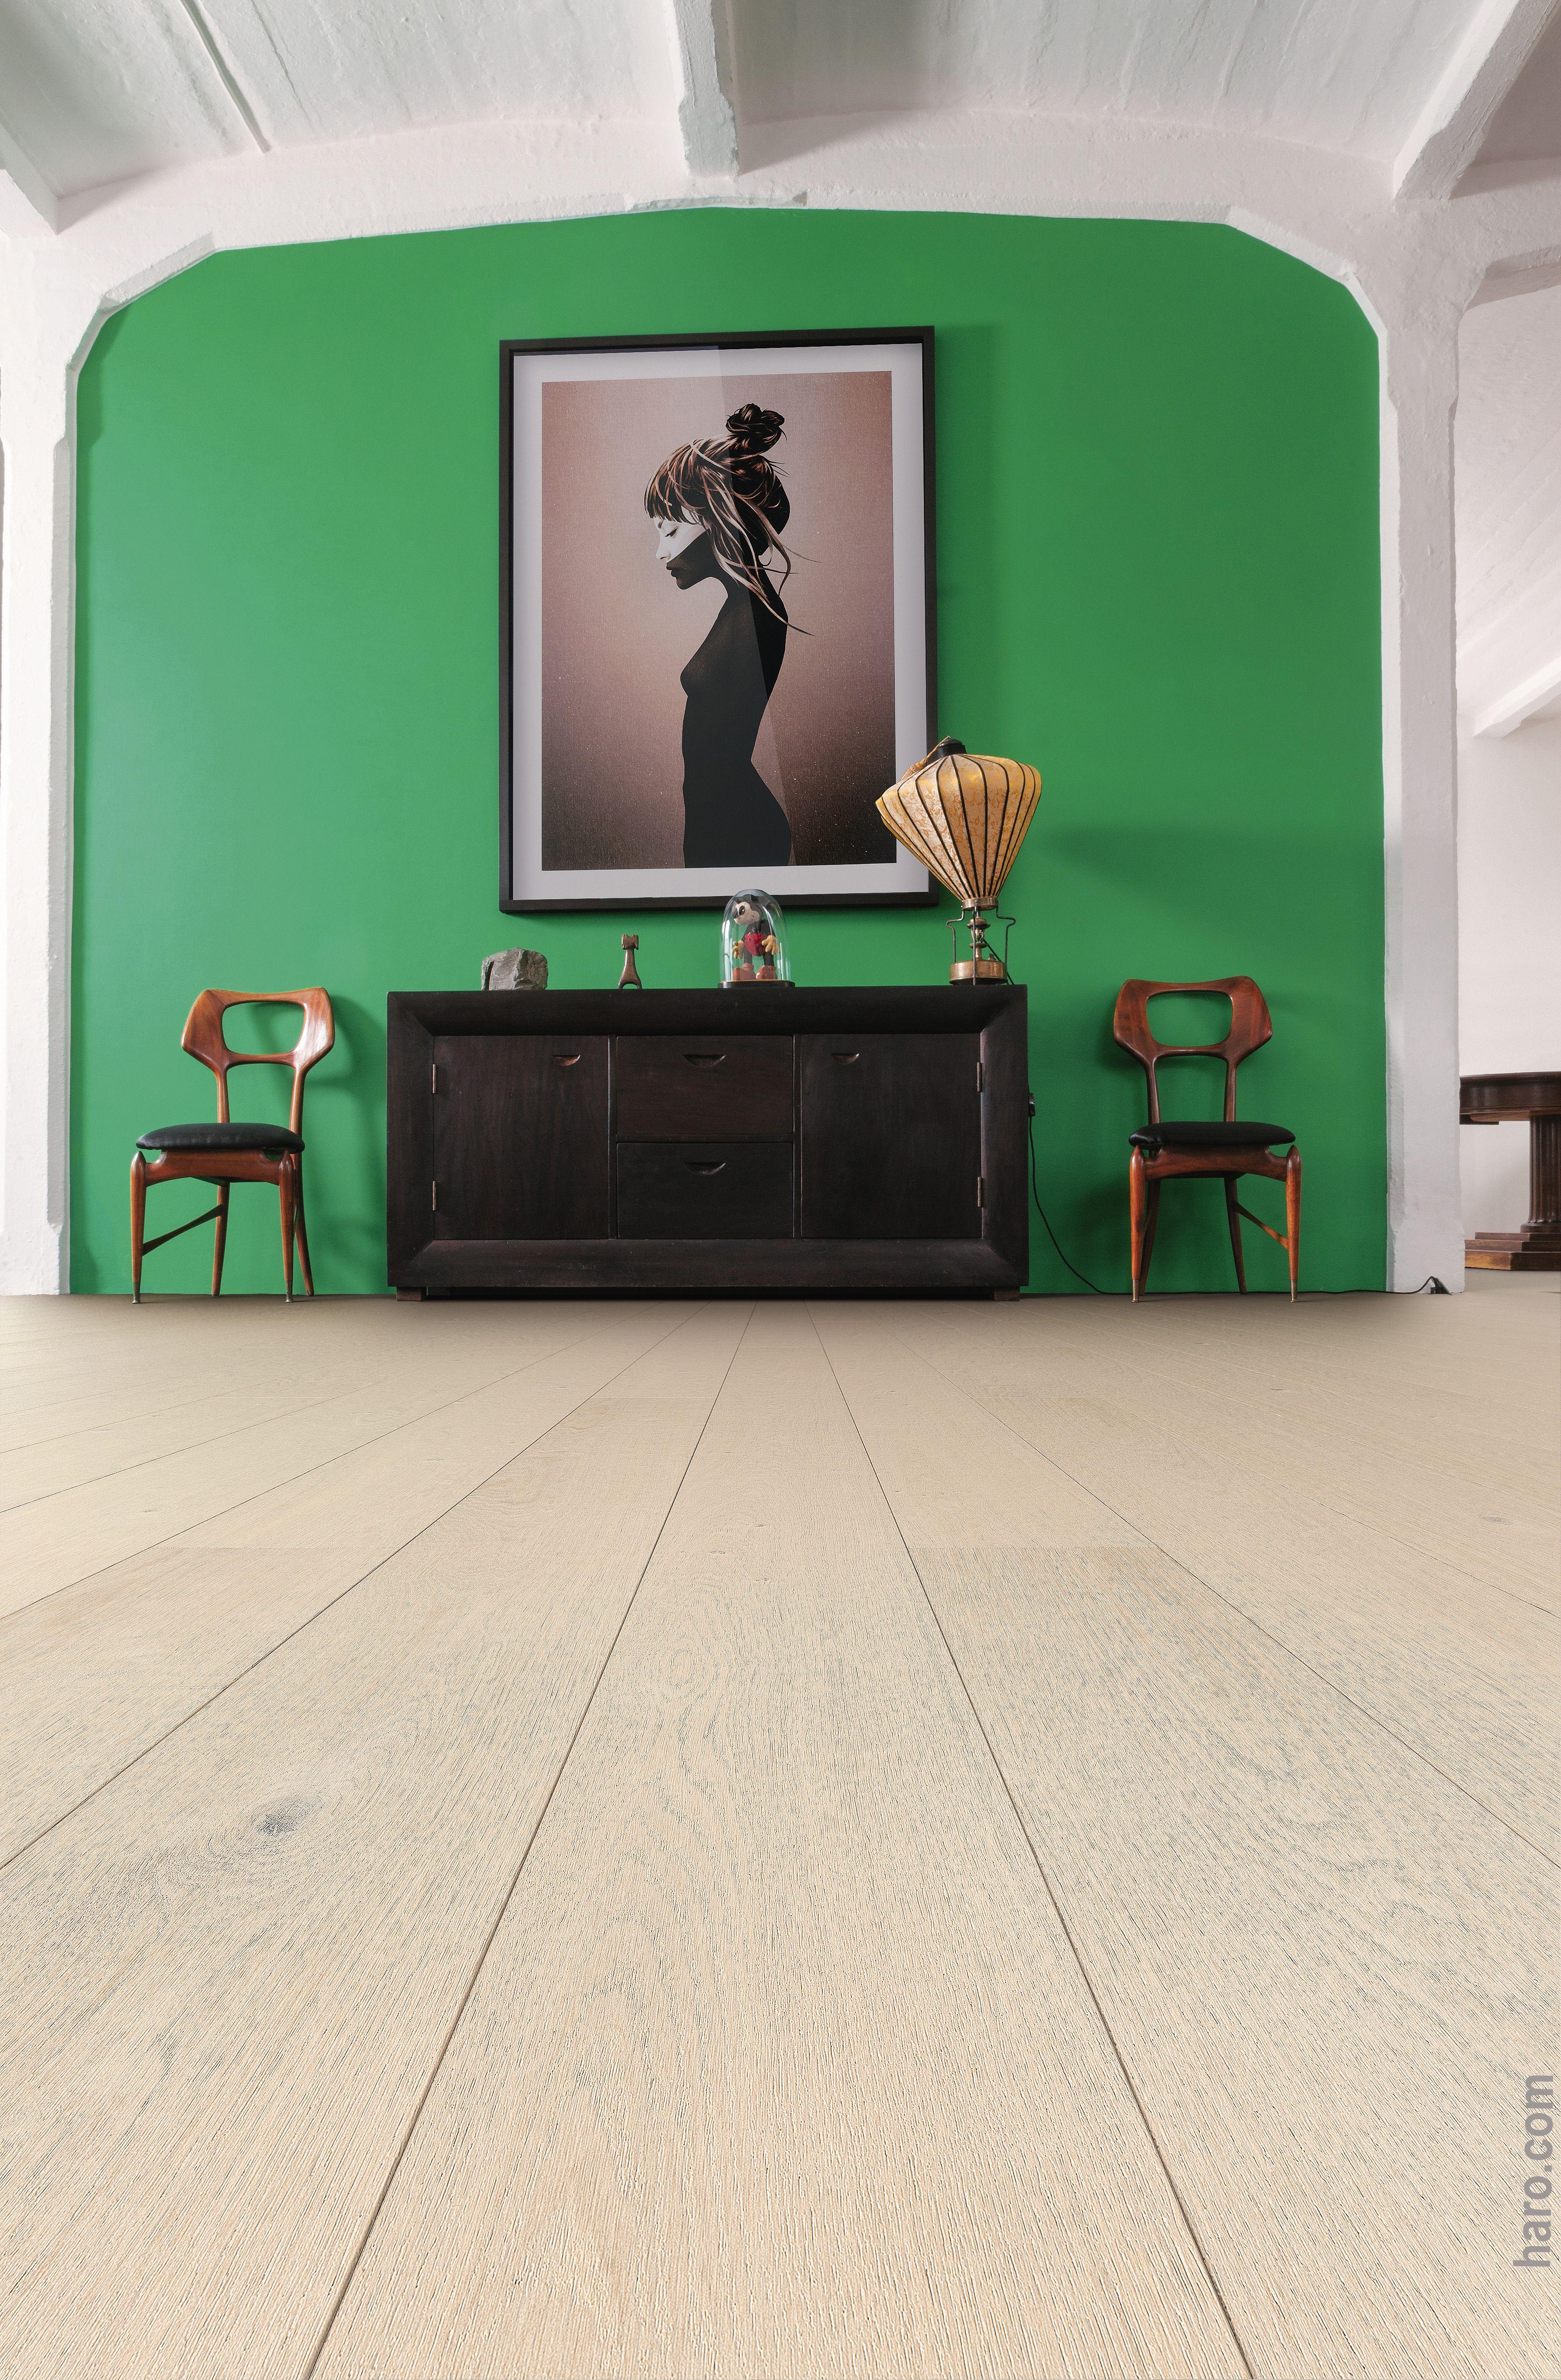 Natürliche Wandfarben helle holzart und kräftige wandfarbe hier spielt die echtholz